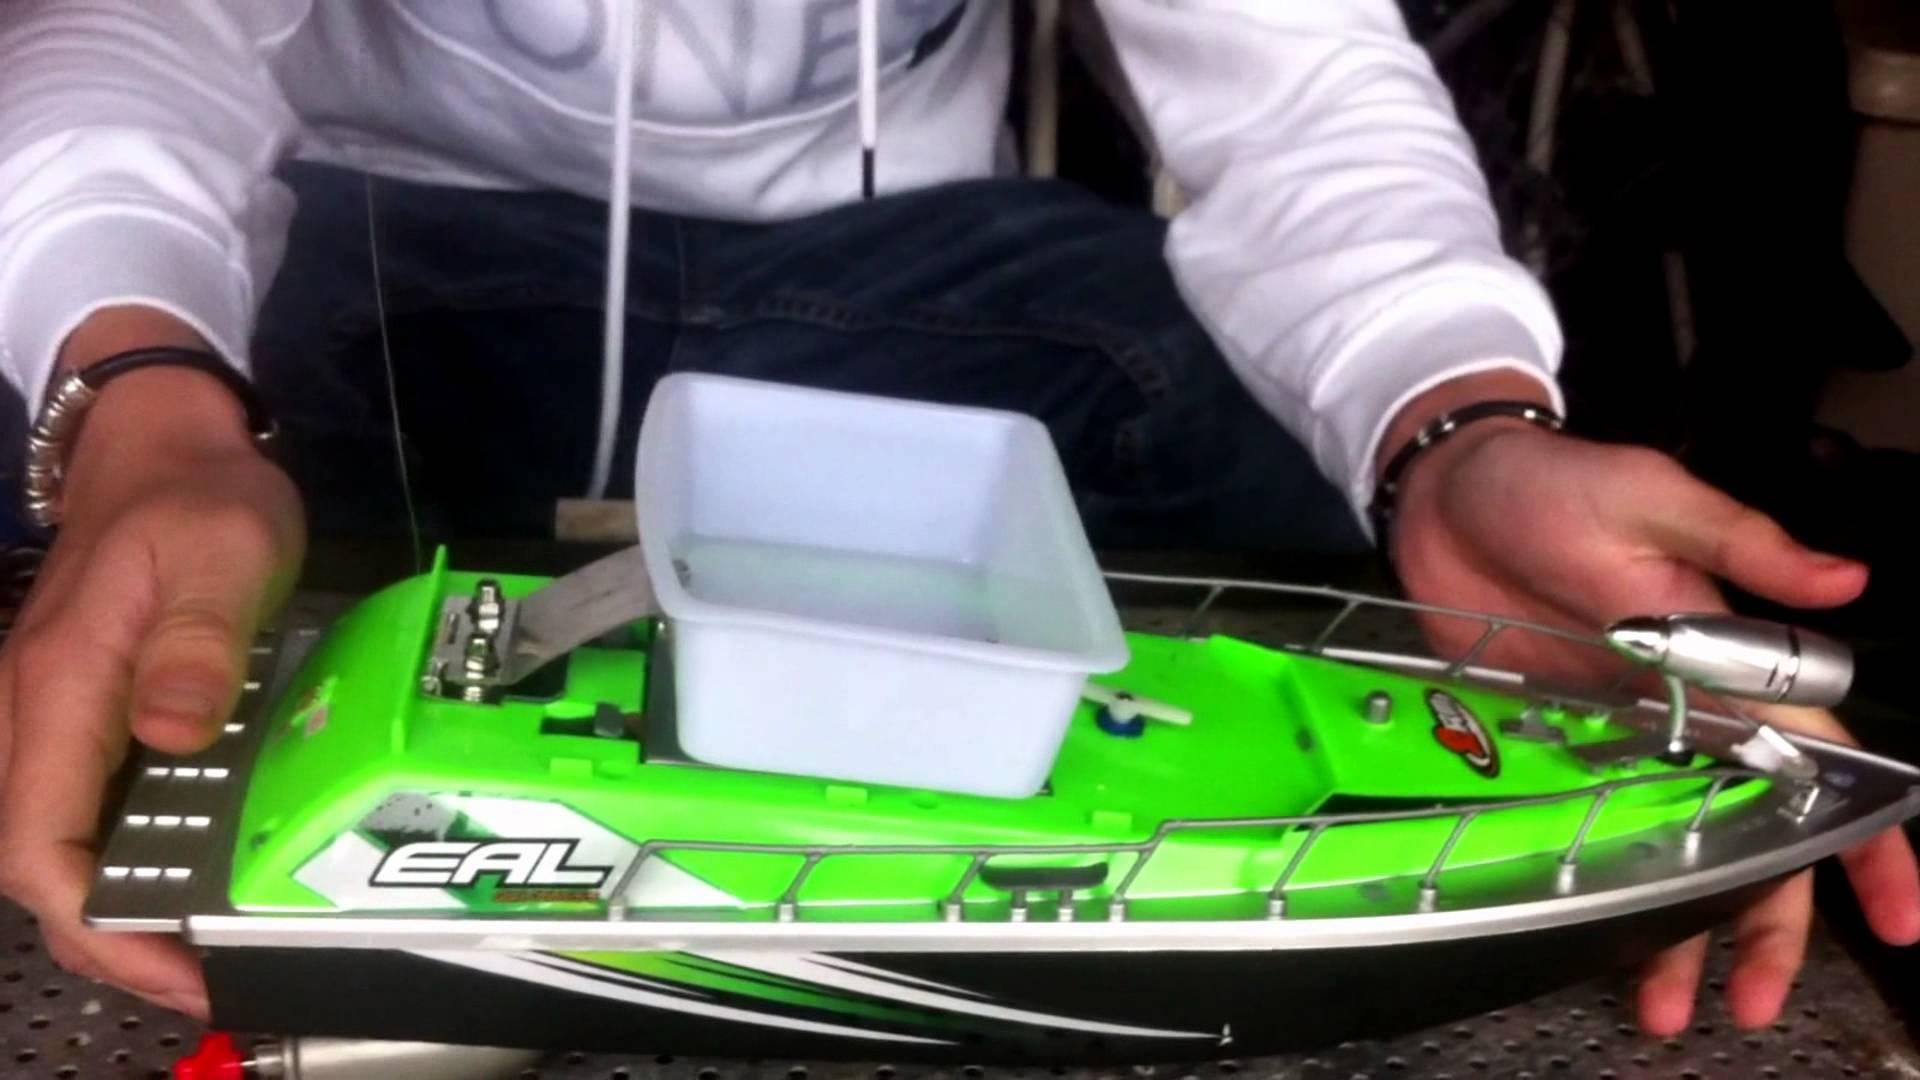 bateau amorceur pas cher belgique